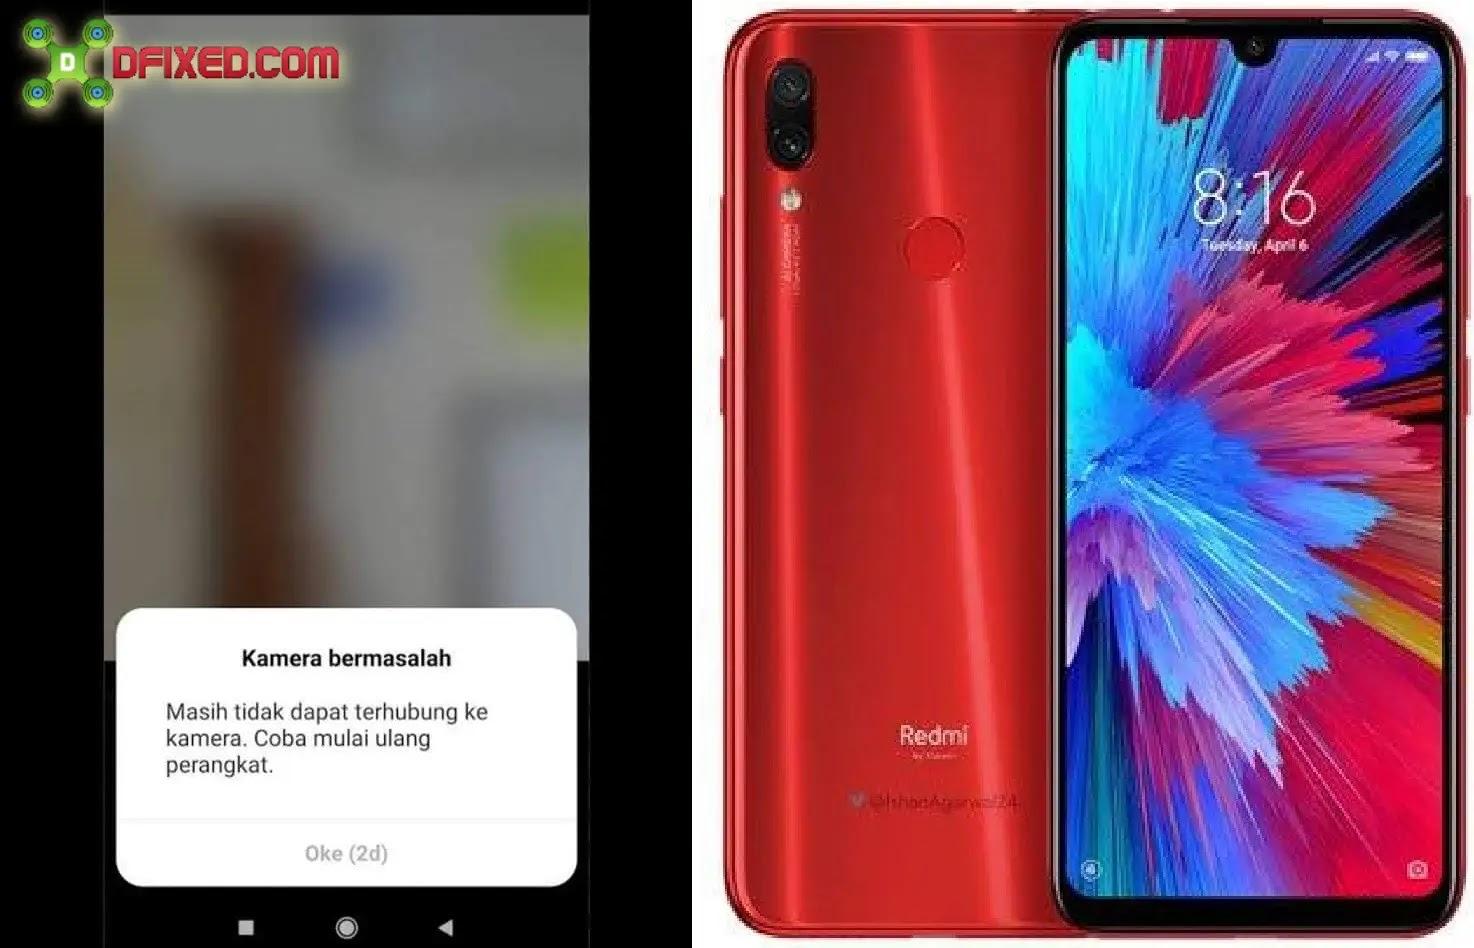 5 Cara Memperbaiki Kamera Bermasalah Xiaomi Redmi Note 7